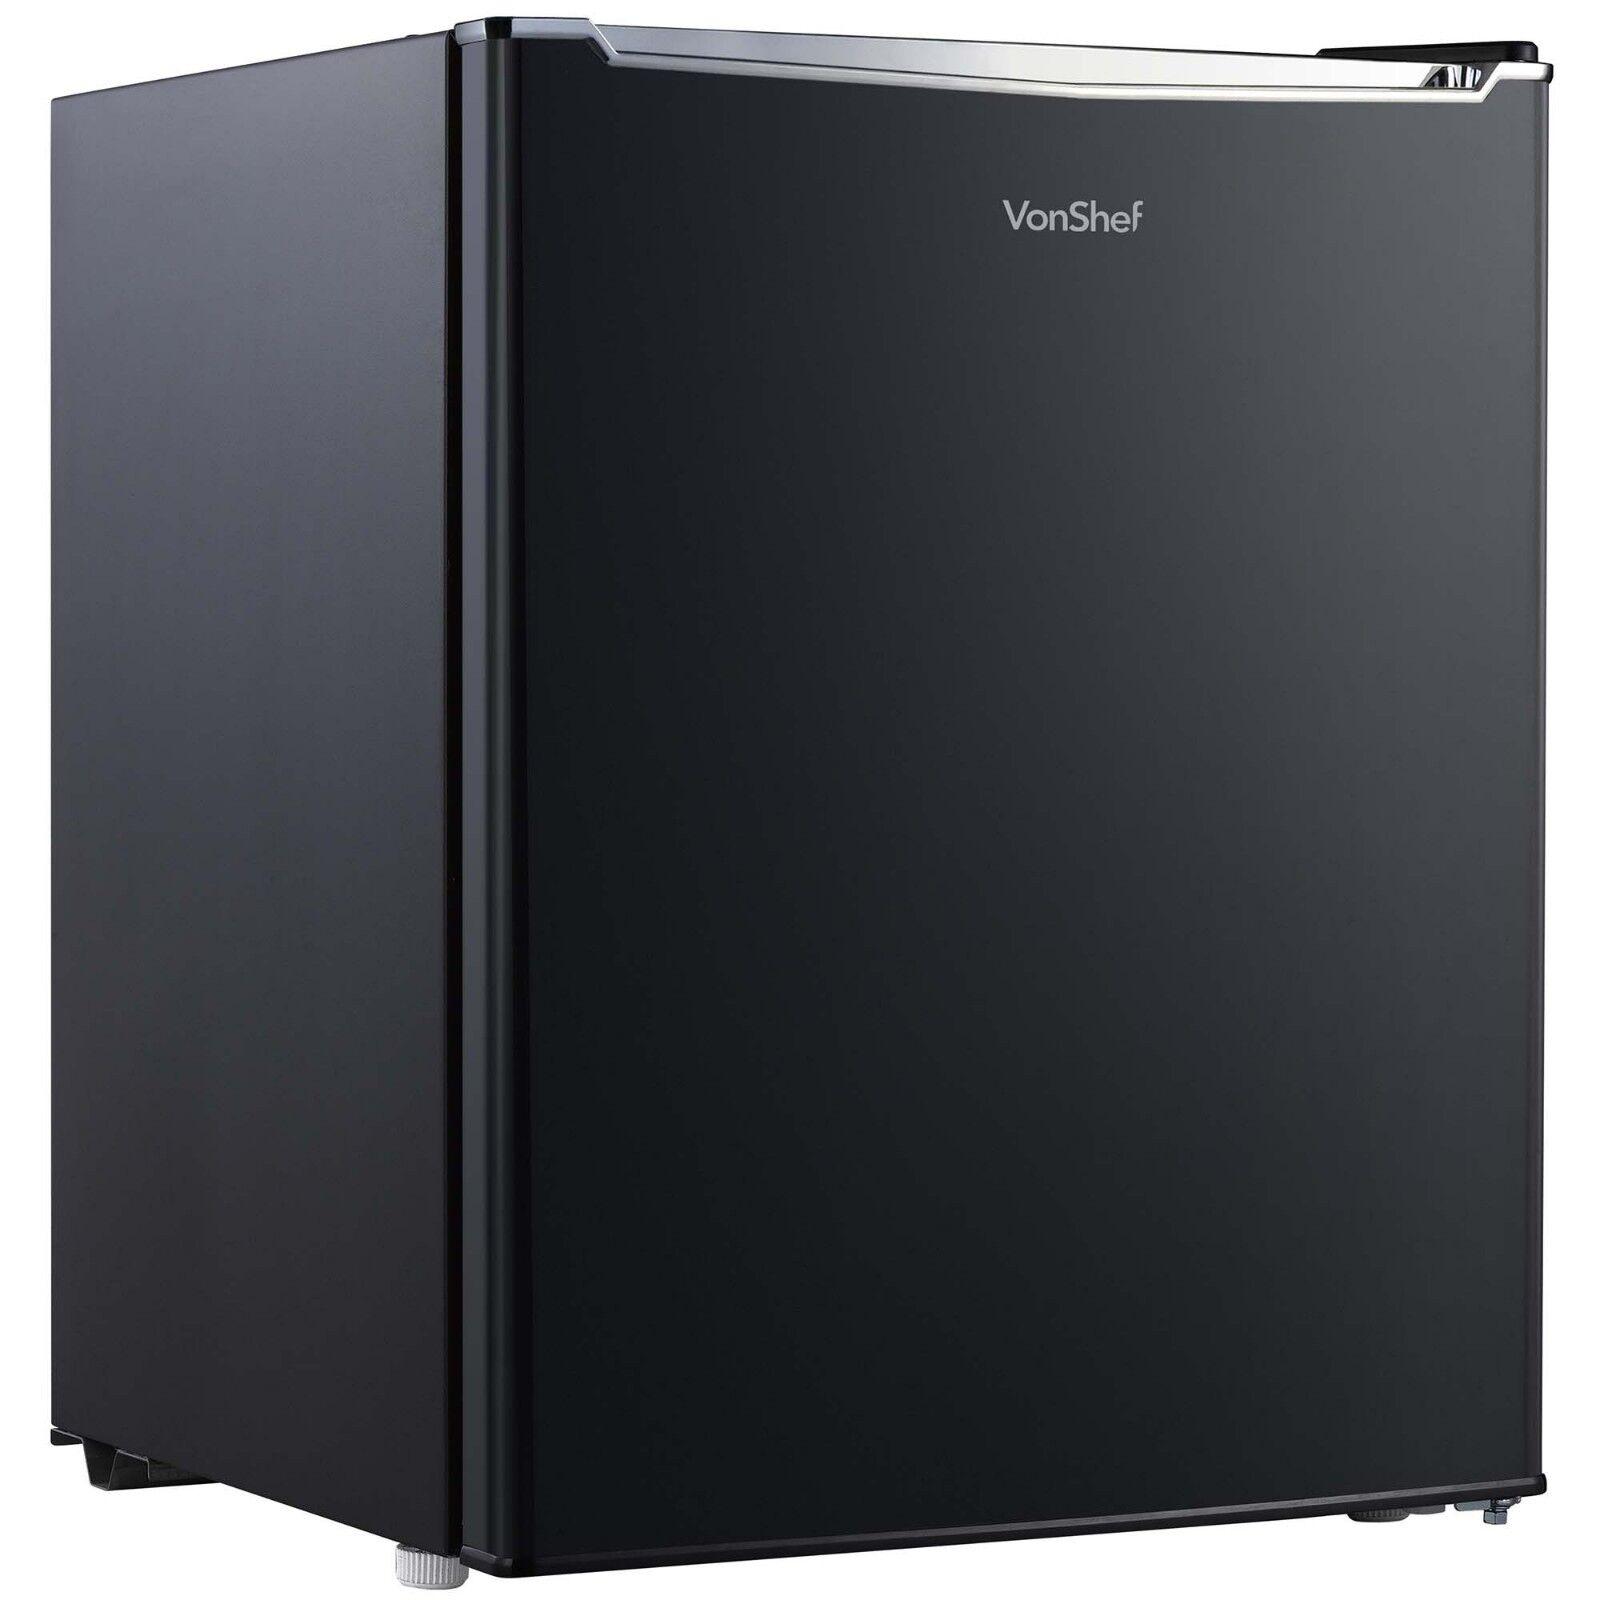 VonShef 75L Kühlschrank mit Gefrierfach Unterbaukühlschrank – Schwarz